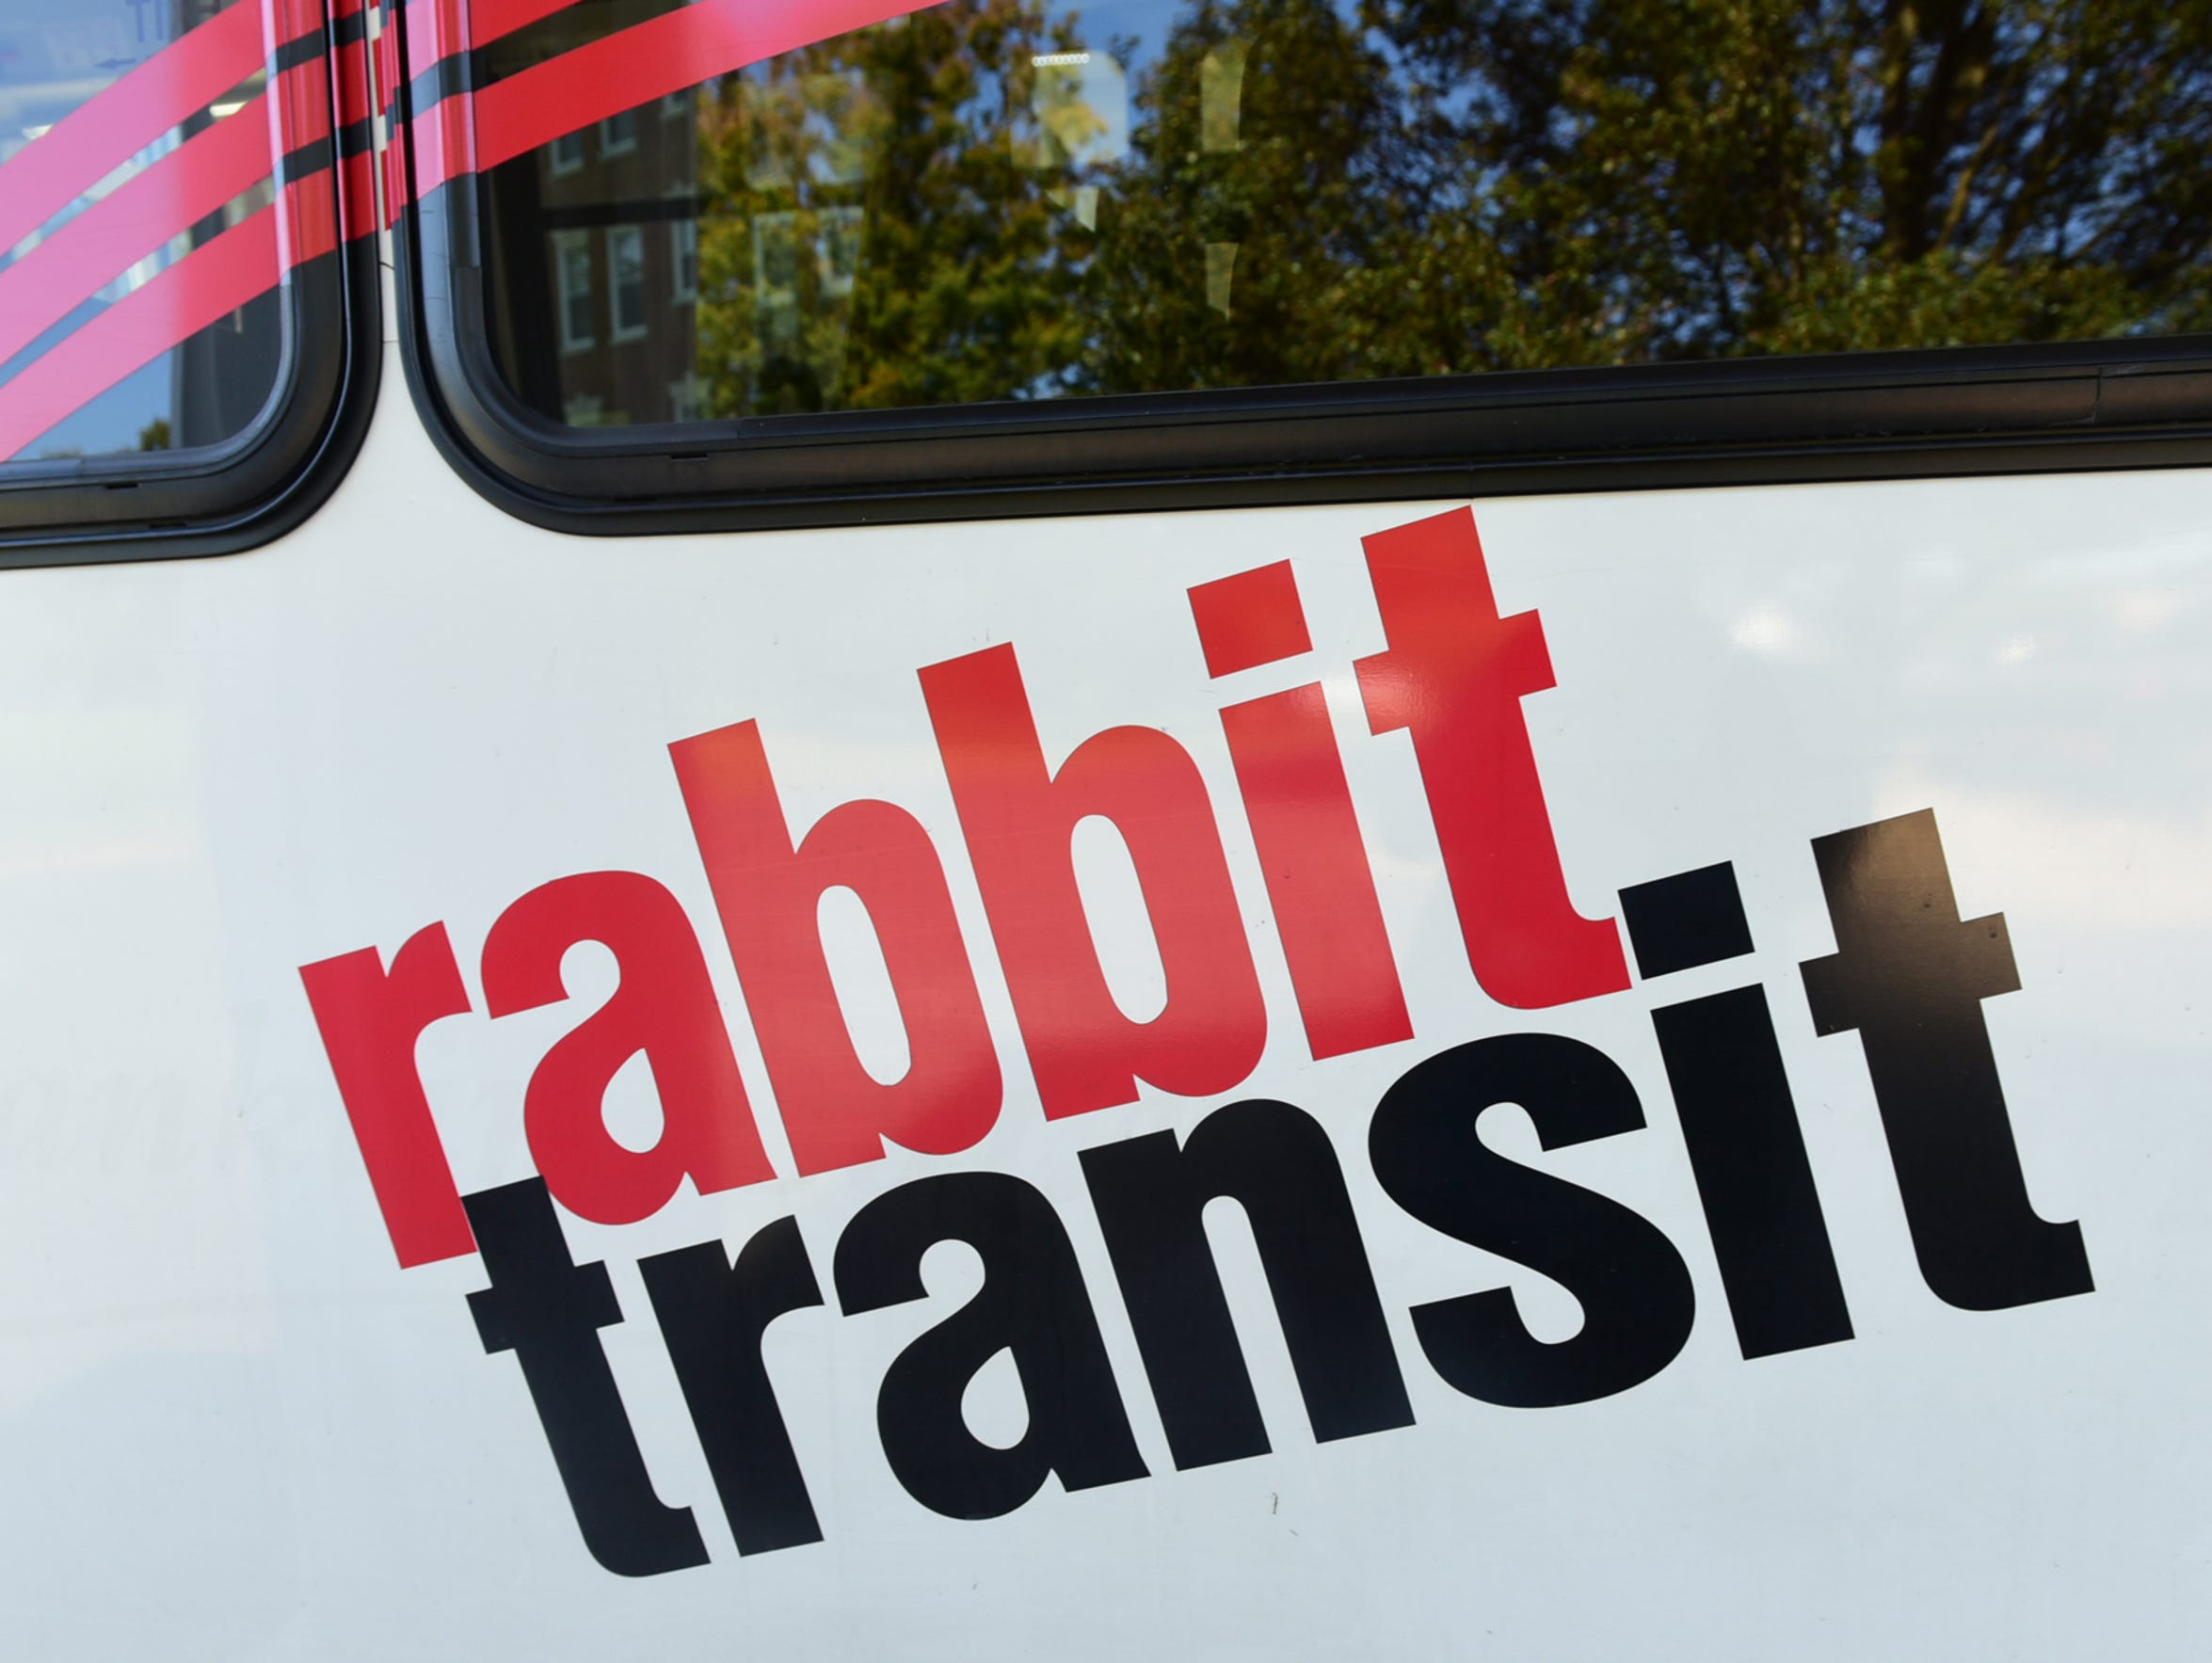 Rabbit Transit, seen Wednesday, September 20, 2017